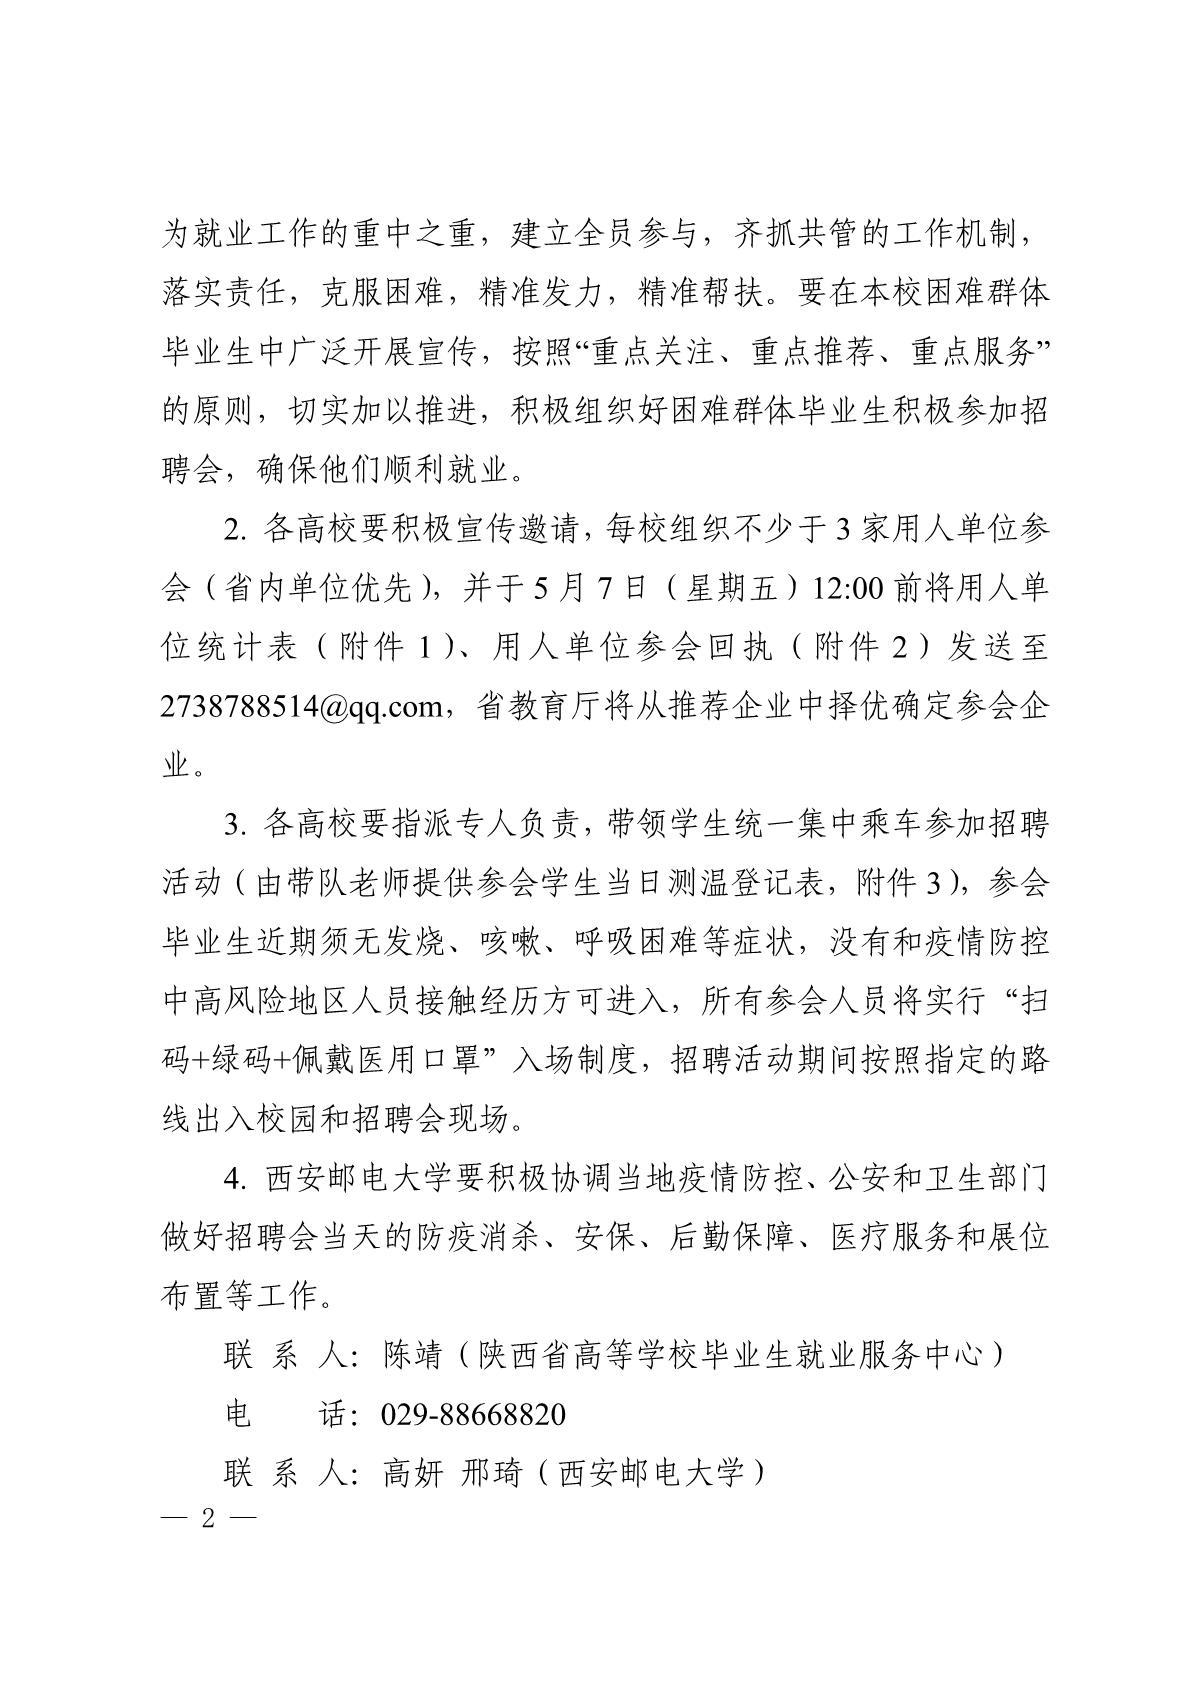 关于举办陕西省困难群体高校毕业生精准帮扶专场招聘会的通知(3)_2.JPG